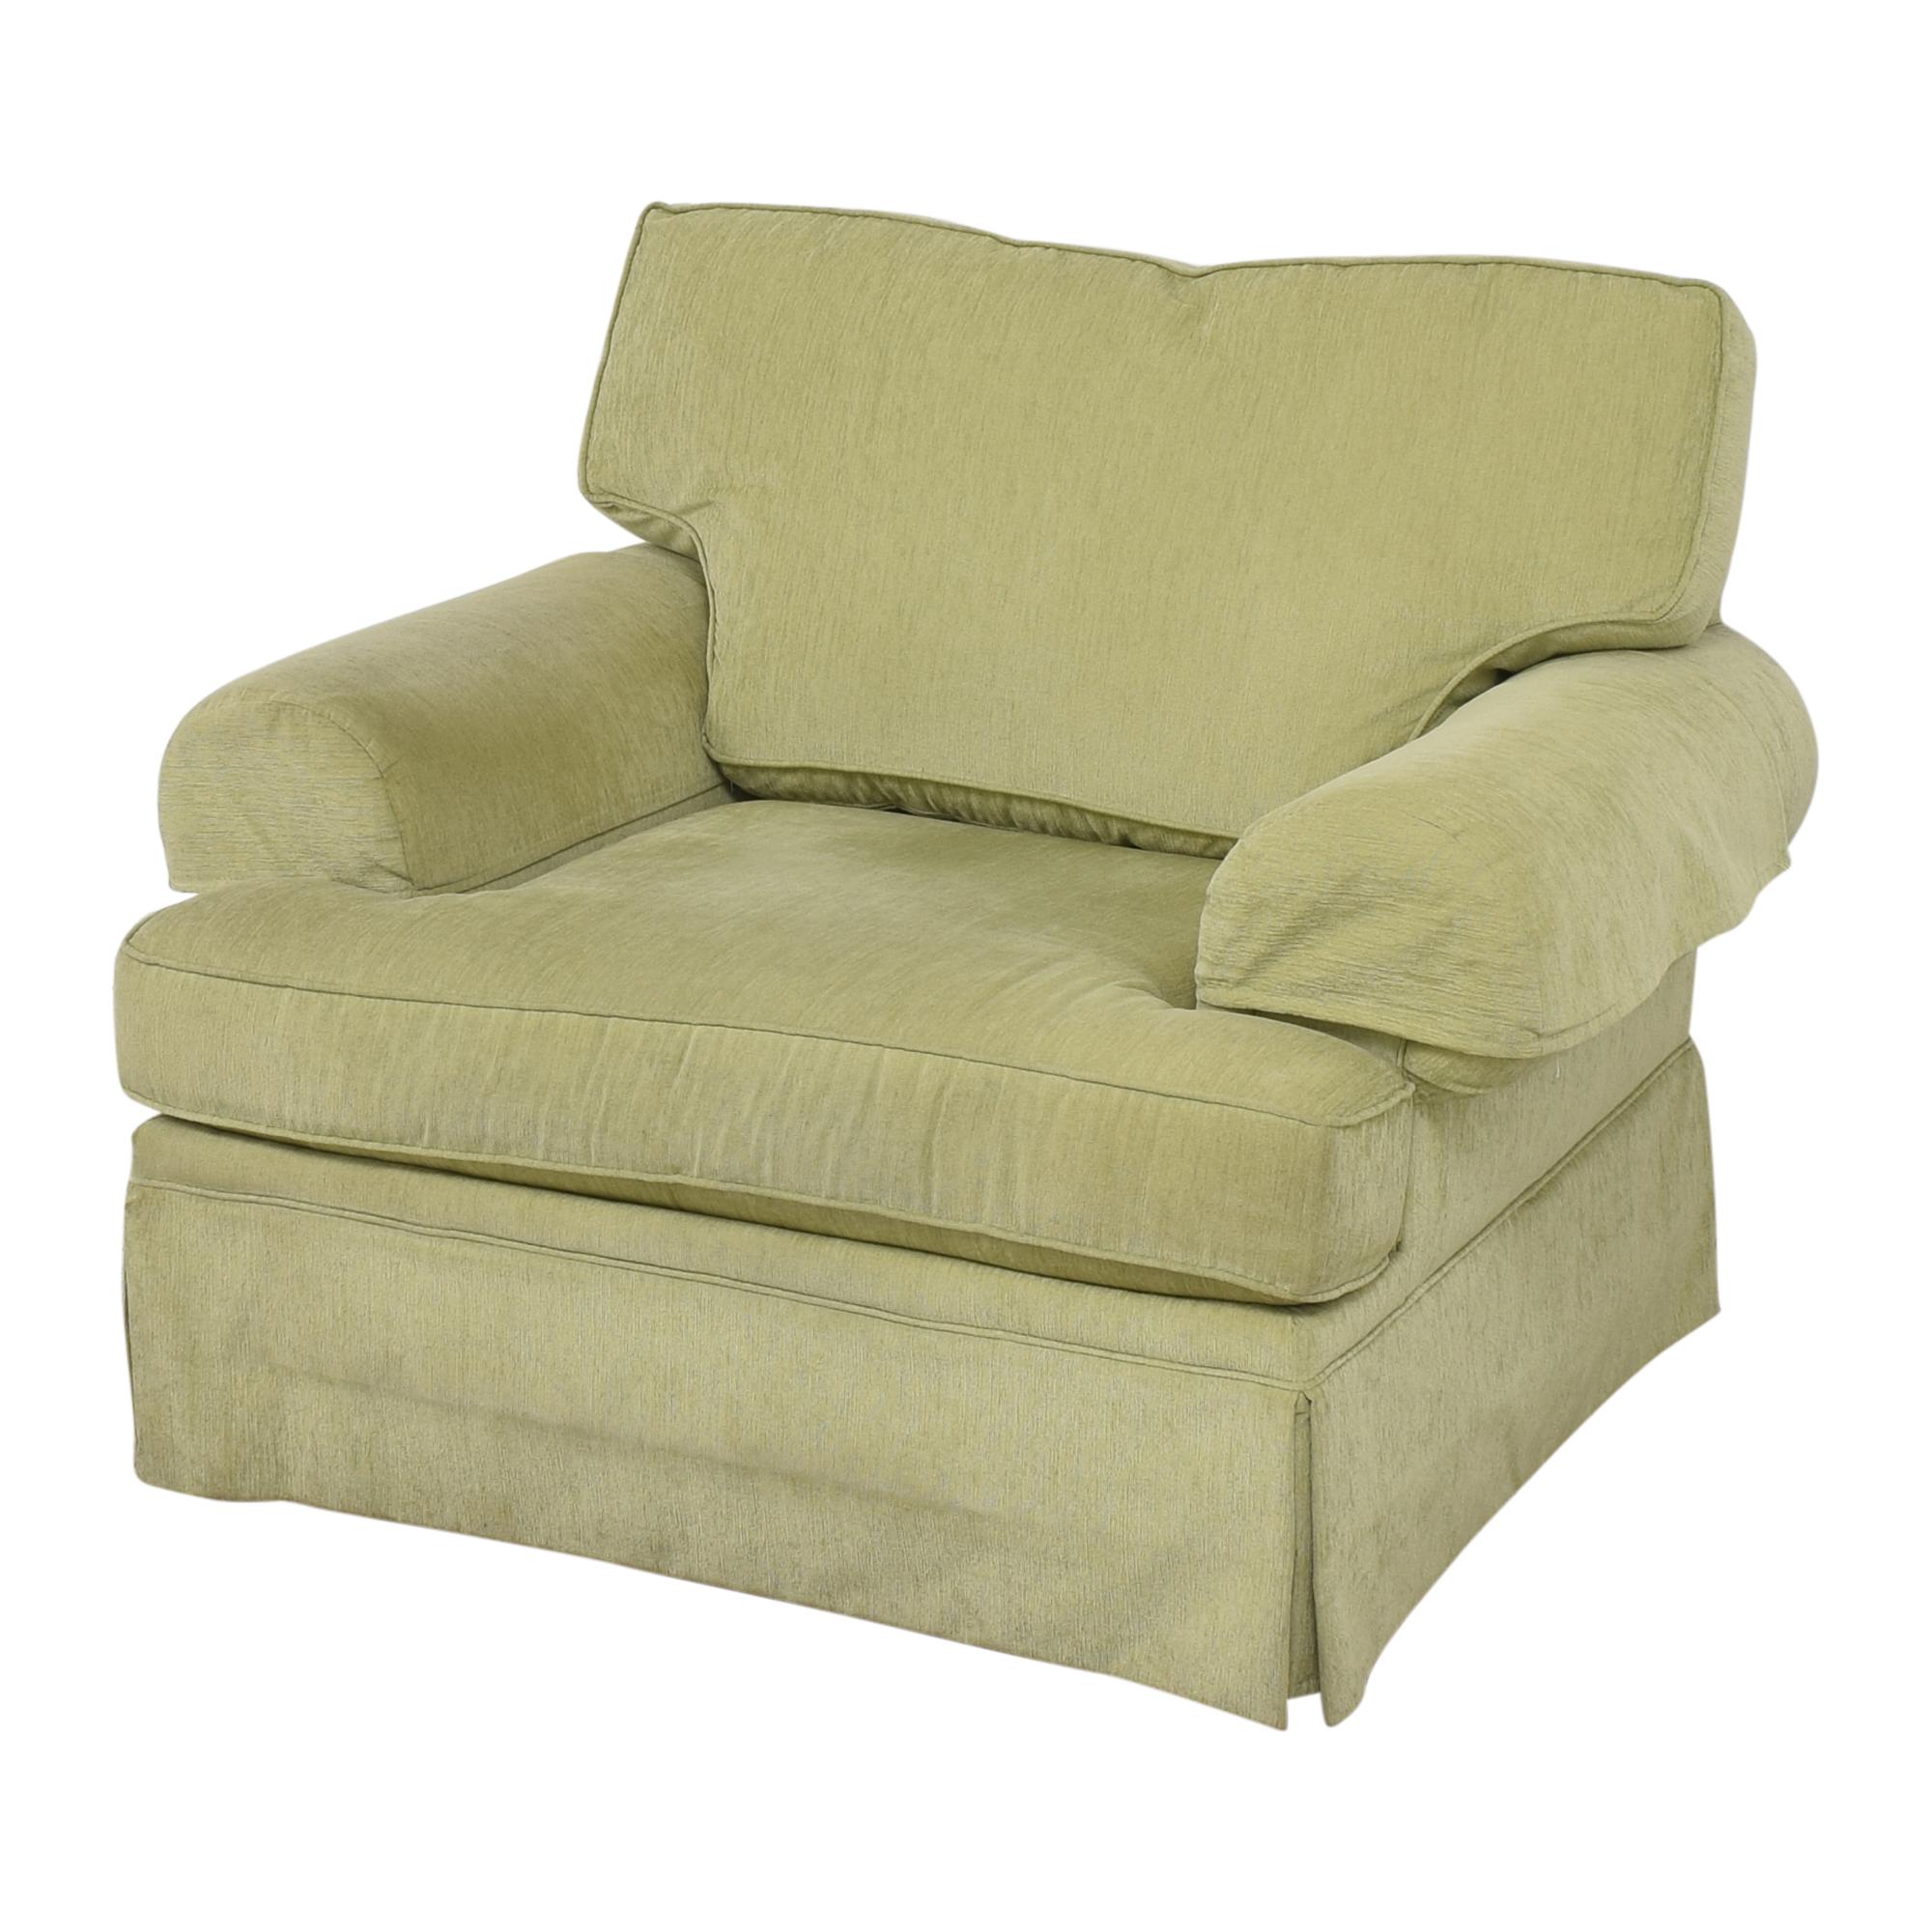 Flexsteel Flexsteel Skirted Chair and a Half Sofas